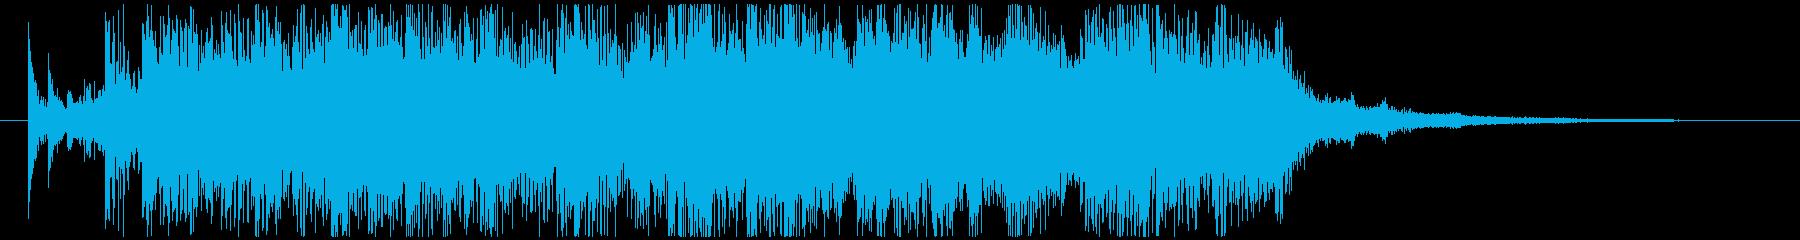 カッコいいエレキによるジングルの再生済みの波形